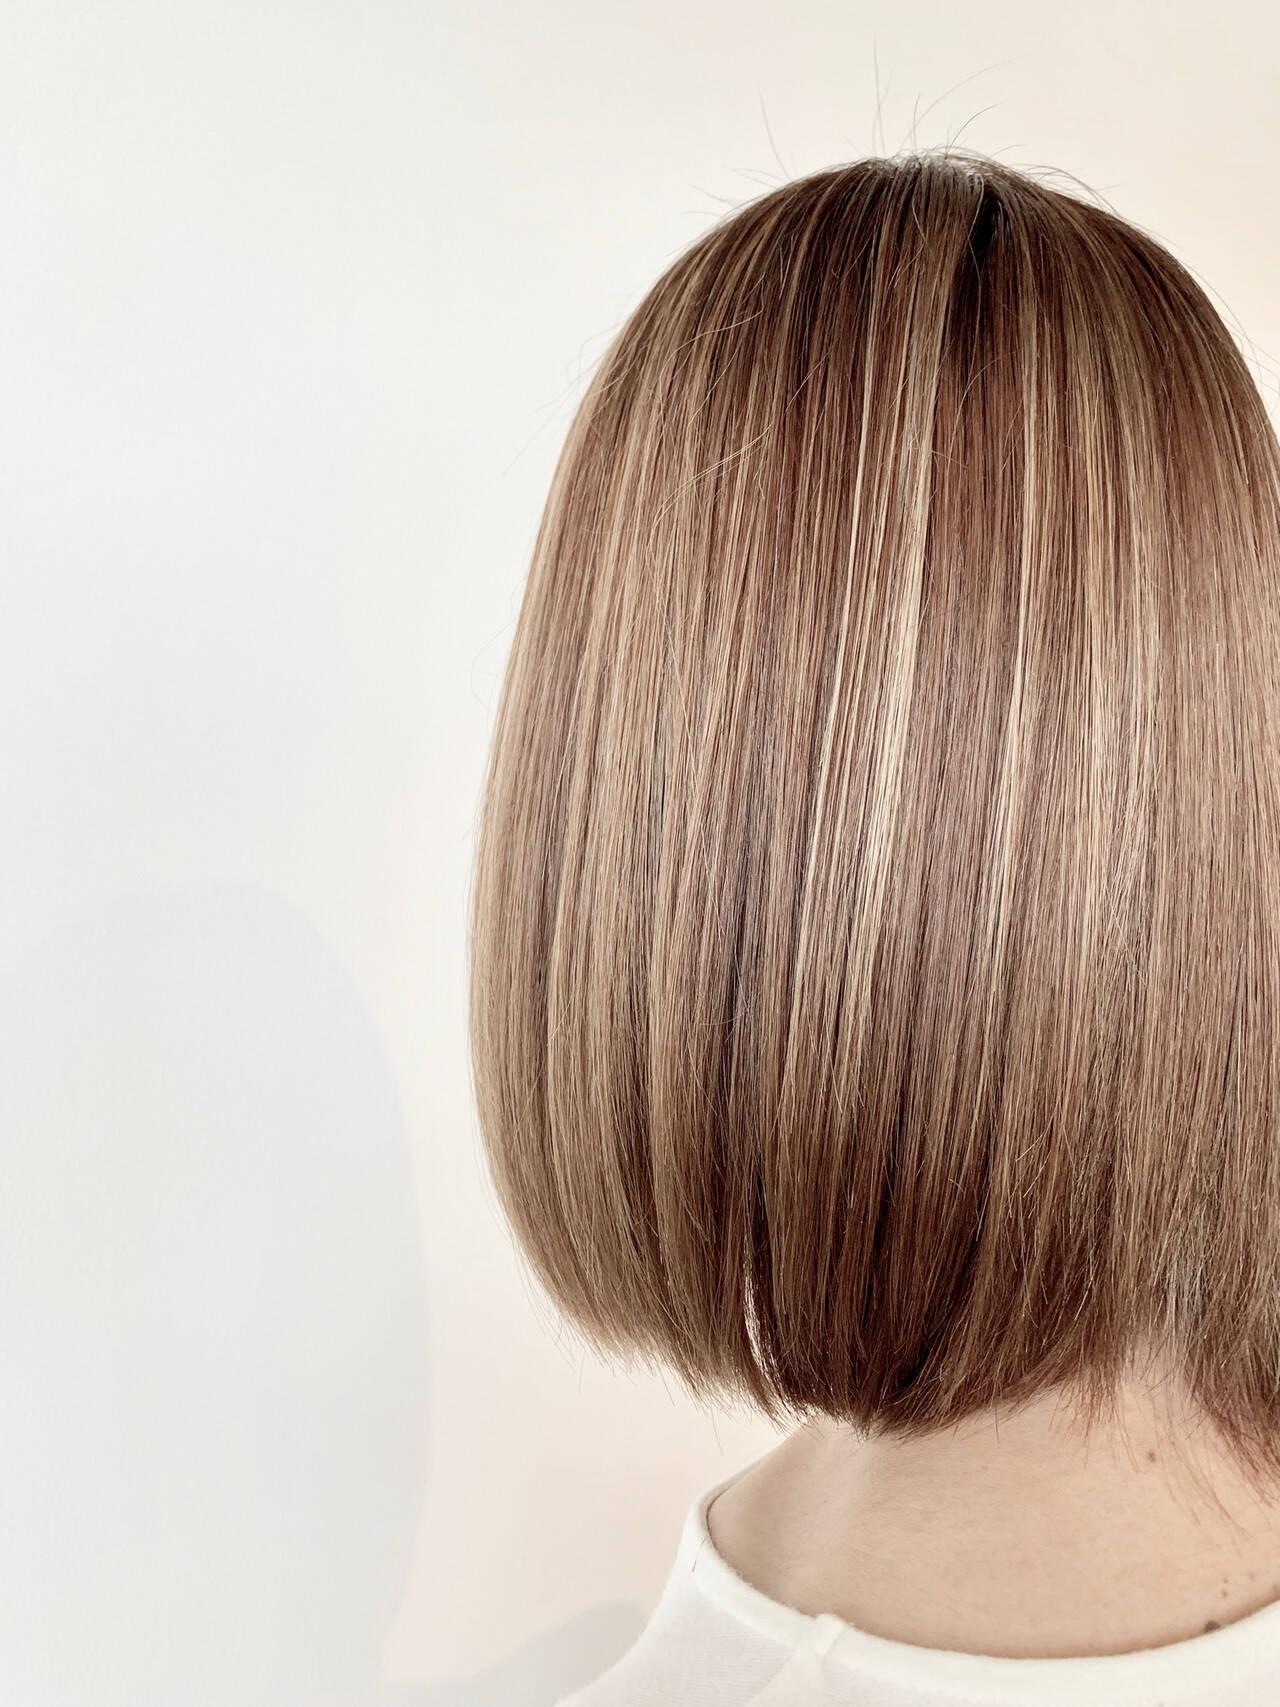 ブリーチ 髪質改善 ハイライト ミルクティーベージュヘアスタイルや髪型の写真・画像